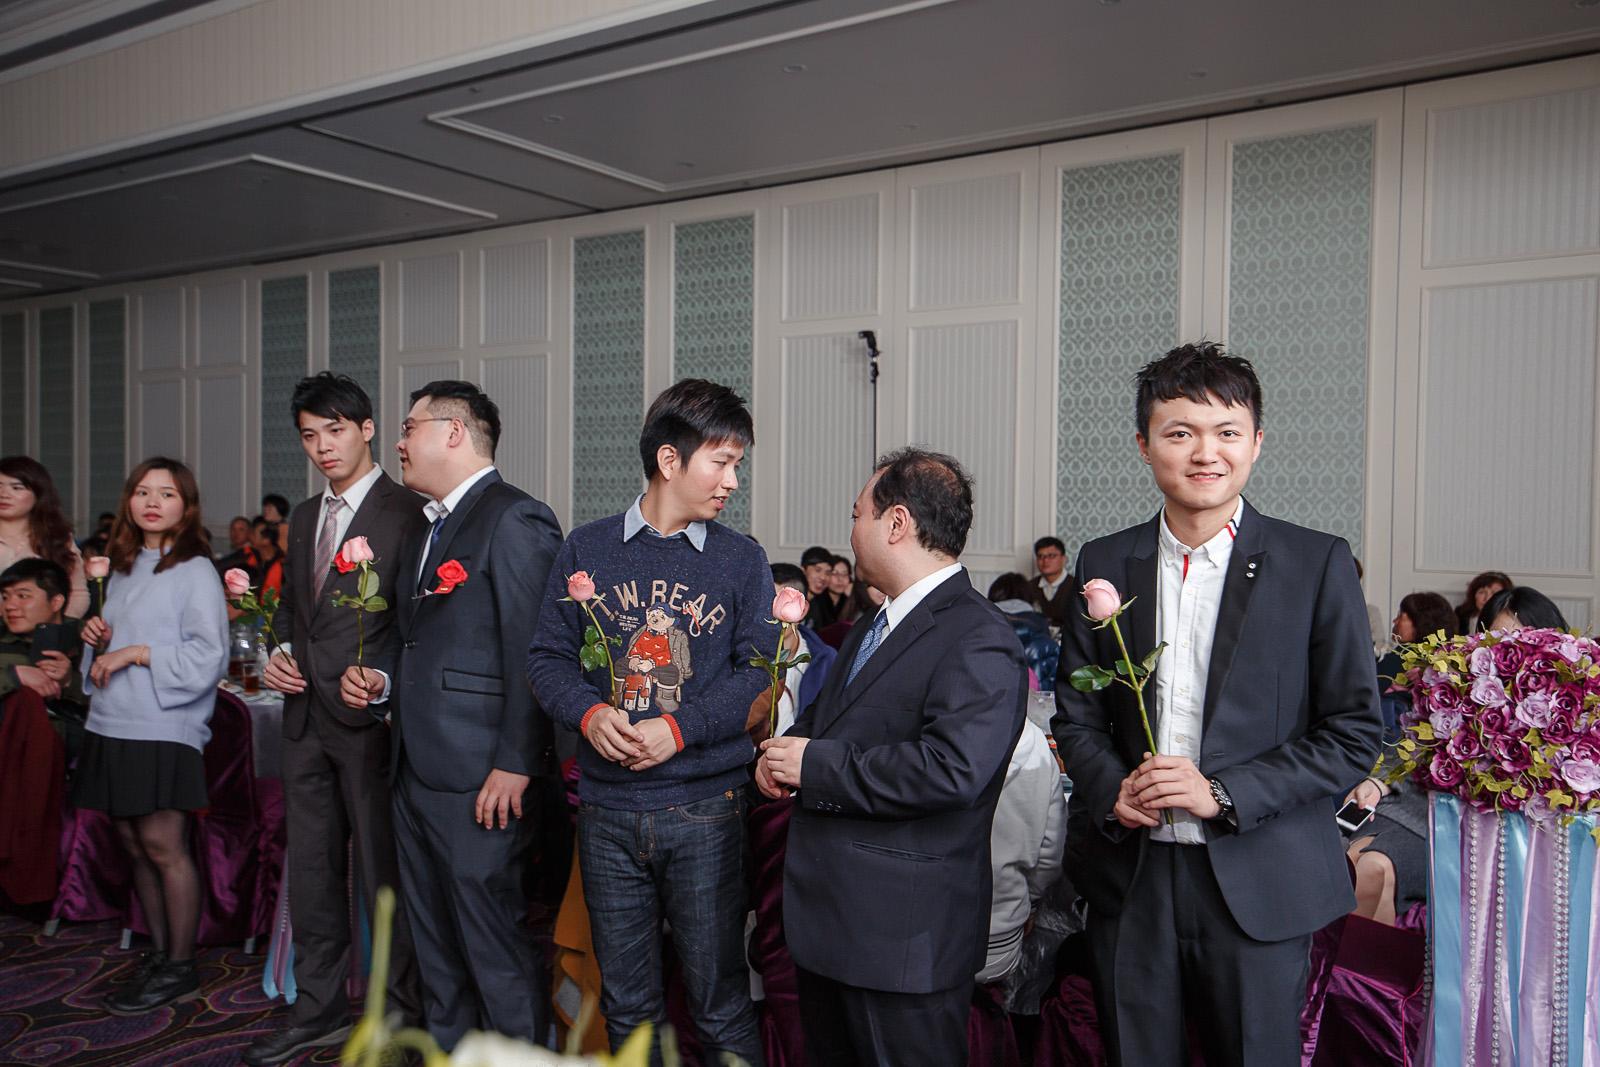 高雄圓山飯店,婚禮攝影,婚攝,高雄婚攝,優質婚攝推薦,Jen&Ethan-275